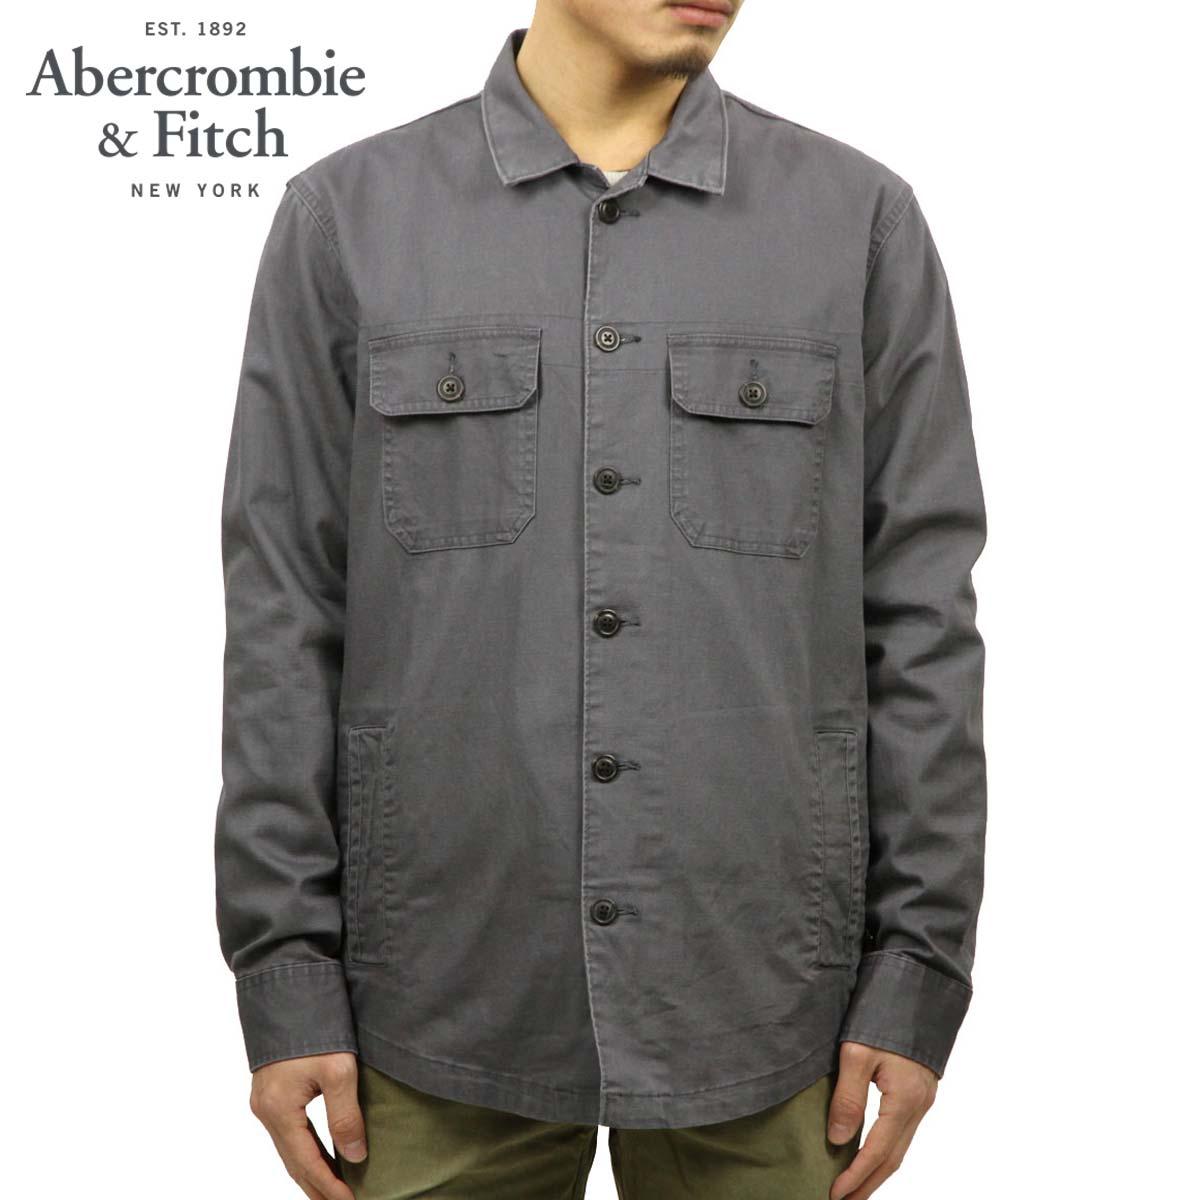 アバクロ Abercrombie&Fitch 正規品 メンズ シャツジャケット MILITARY SHIRT JACKET 125-125-0473-122